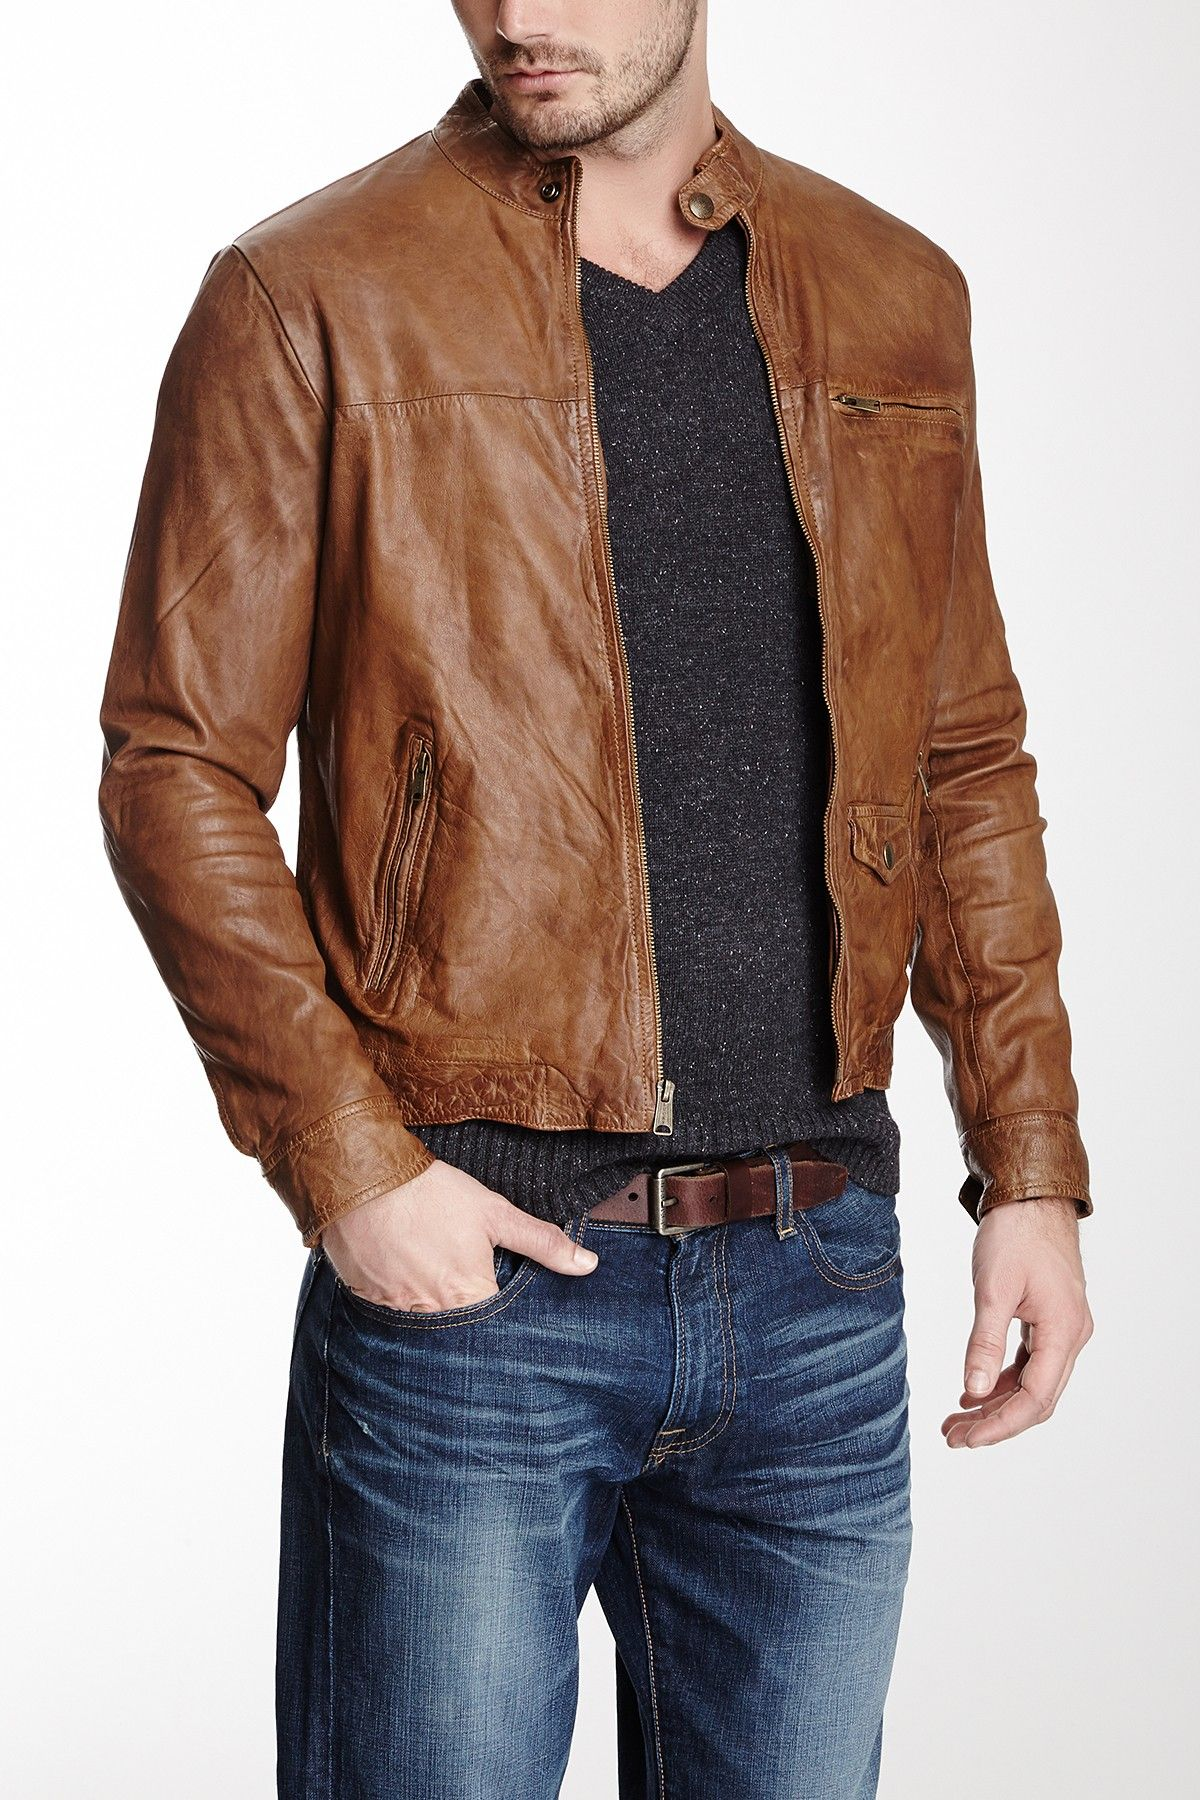 Lucky Brand Salt Slats Leather Moto Jacket Leather